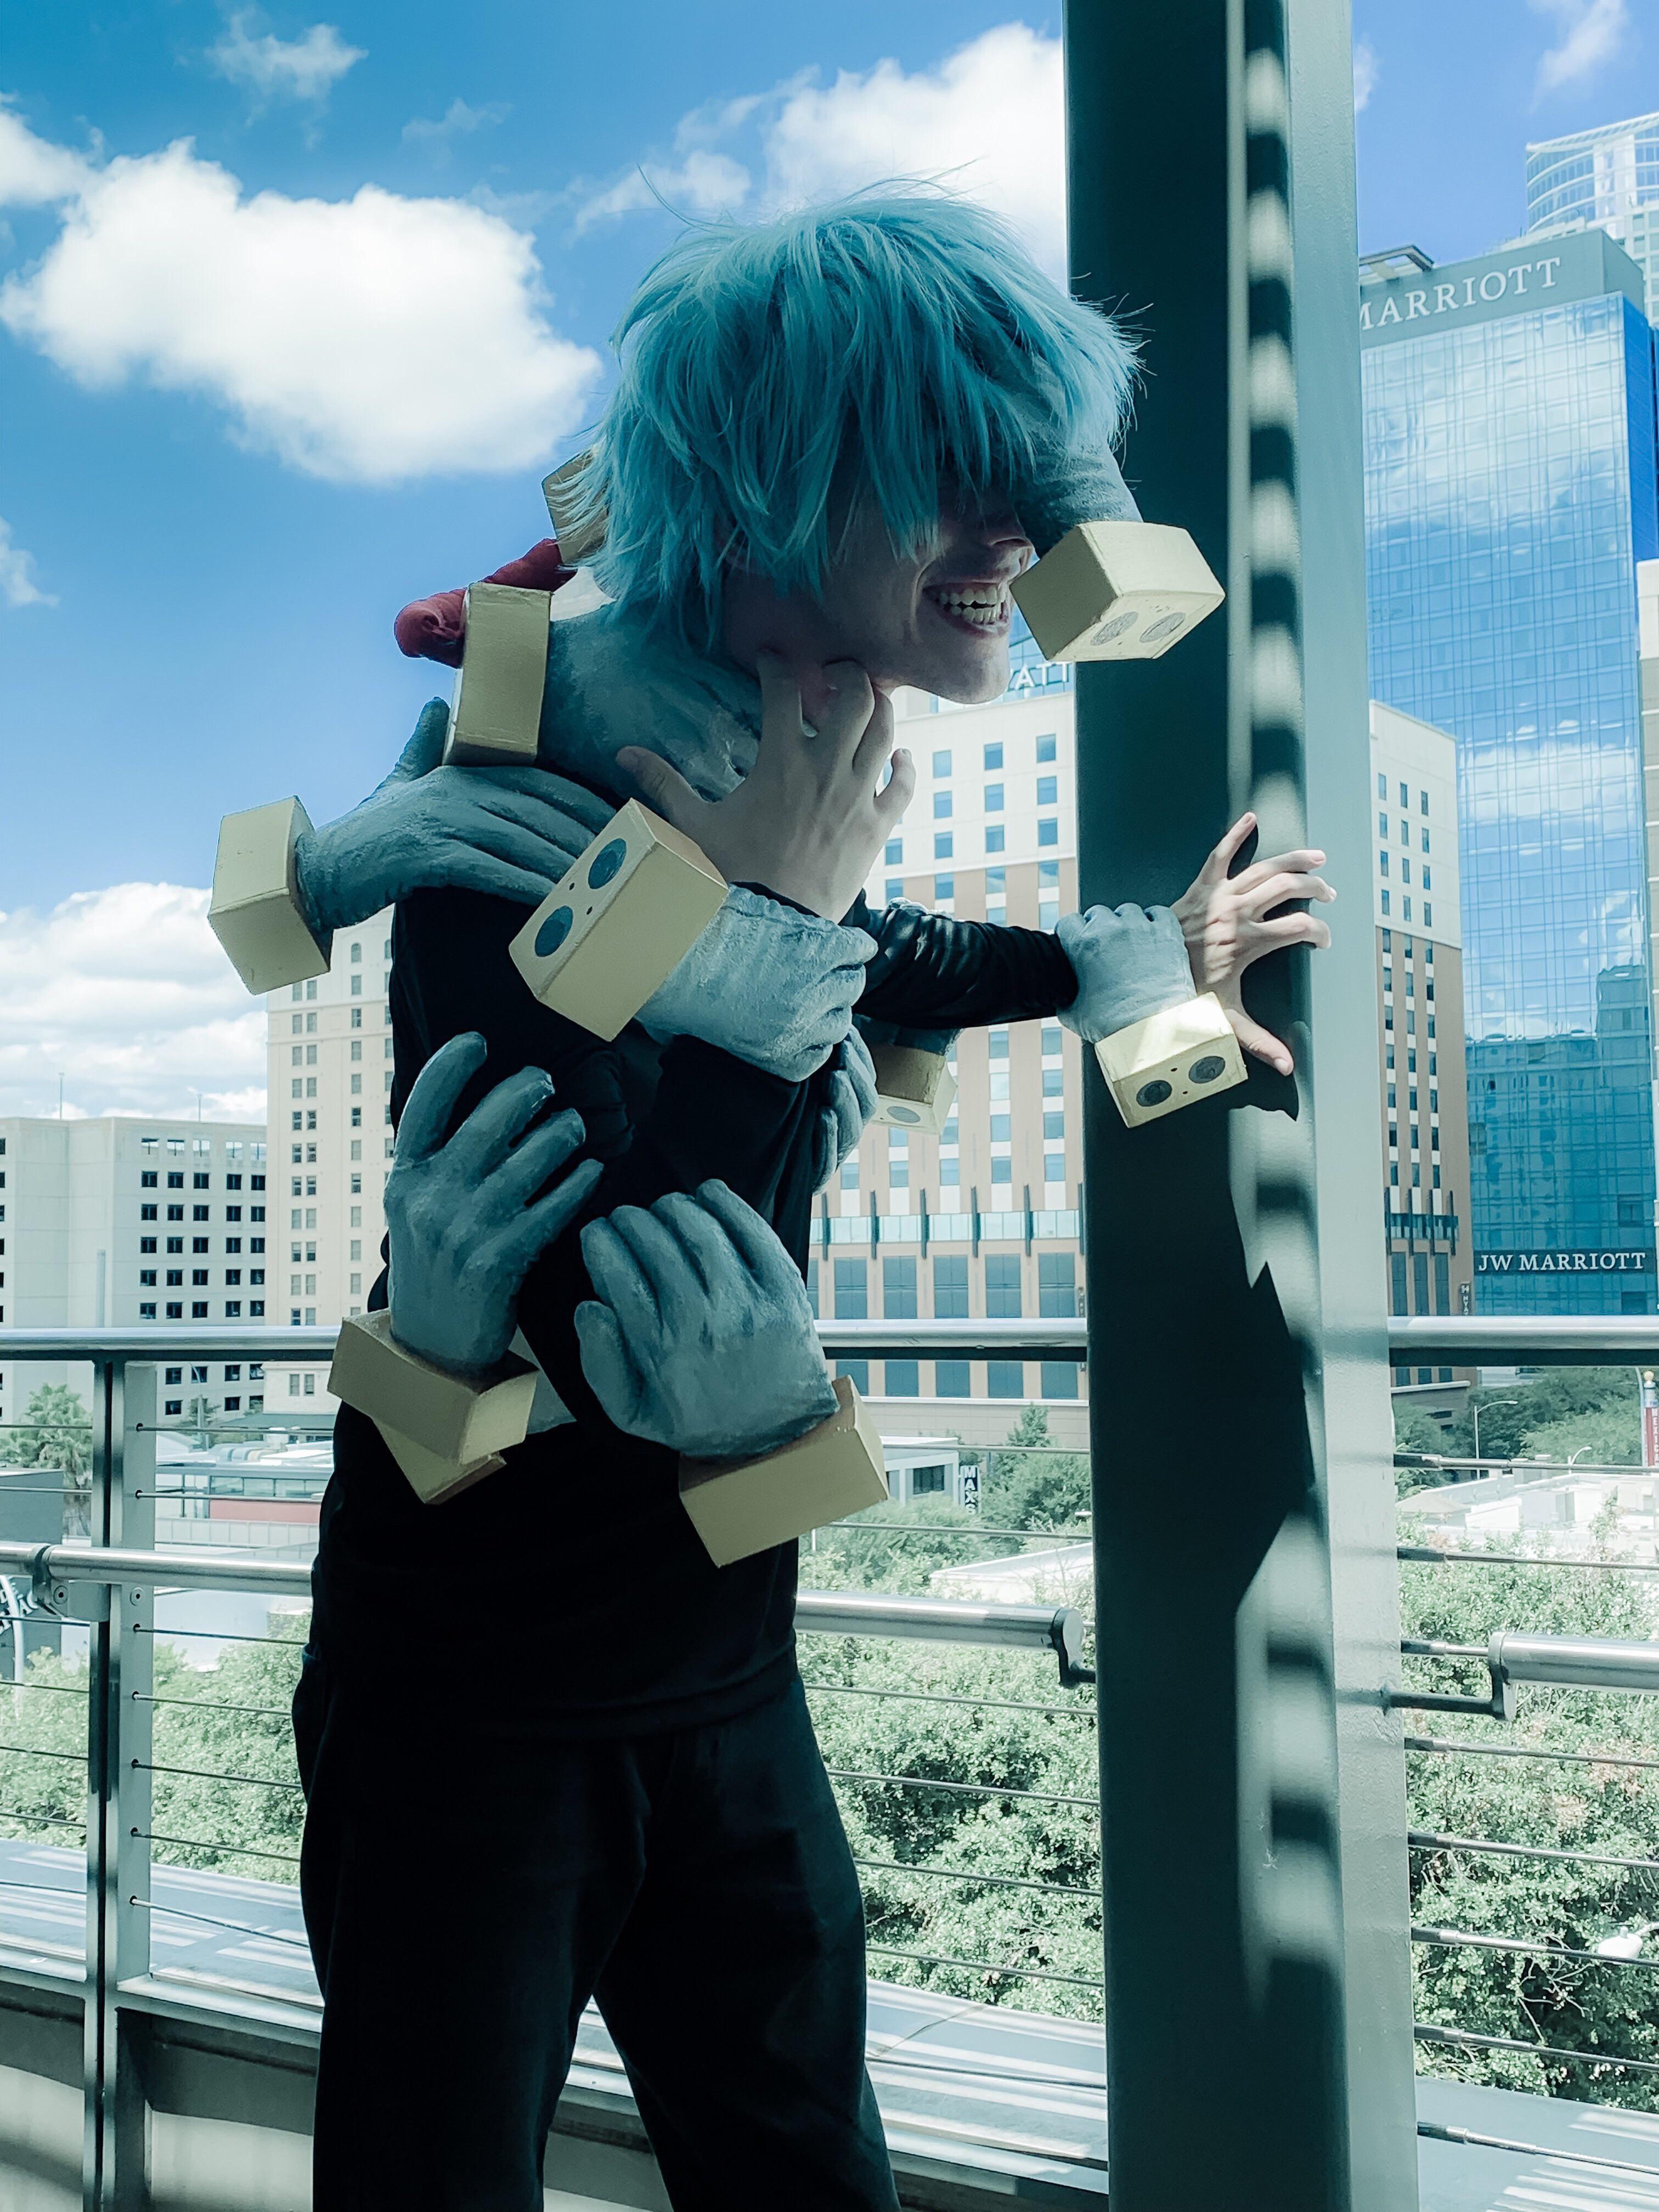 [Self] Shigaraki from My Hero Academia cosplay http//bit